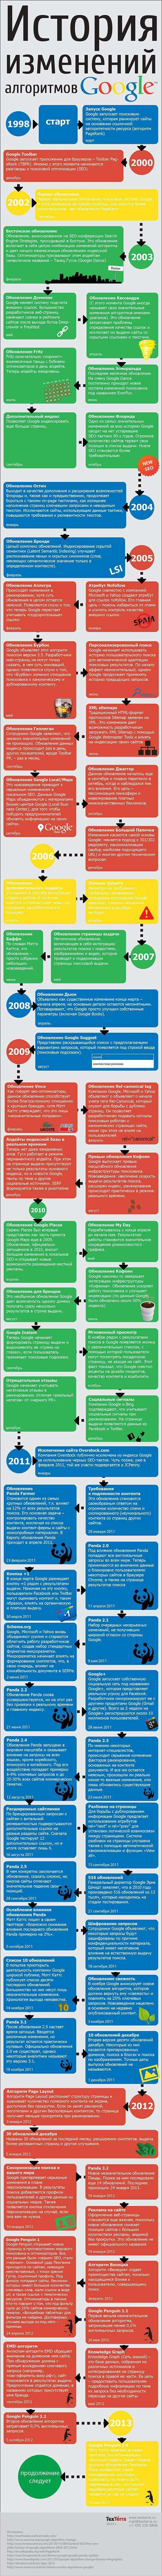 Історія змін алгоритмів Google (Інфографіка)